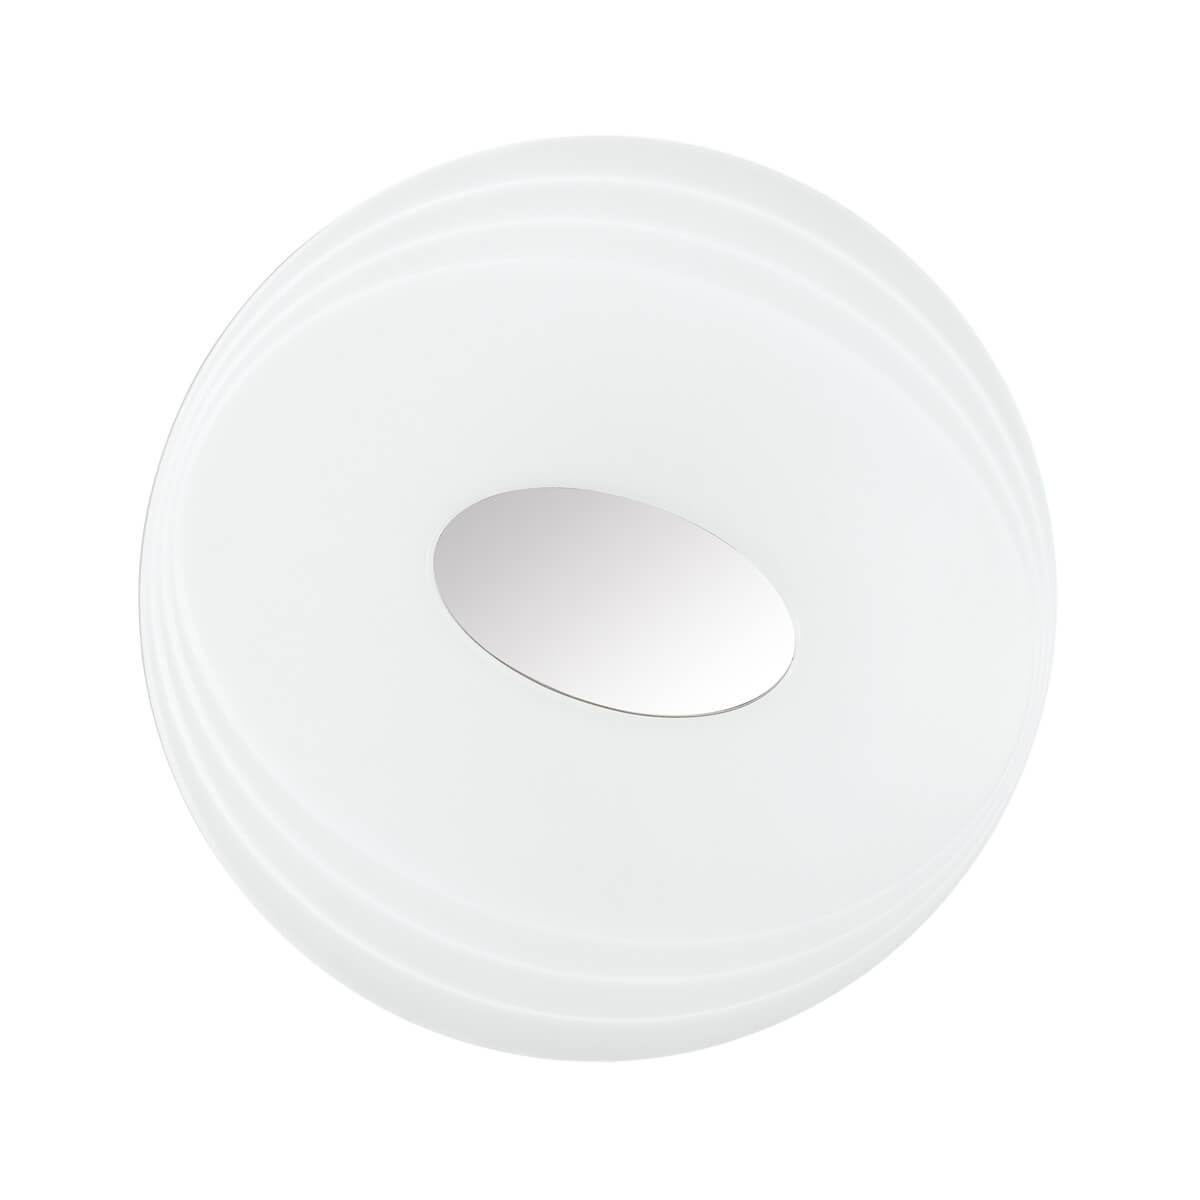 Светильник Sonex 3027/DL бра 1643 molano sonex 927202